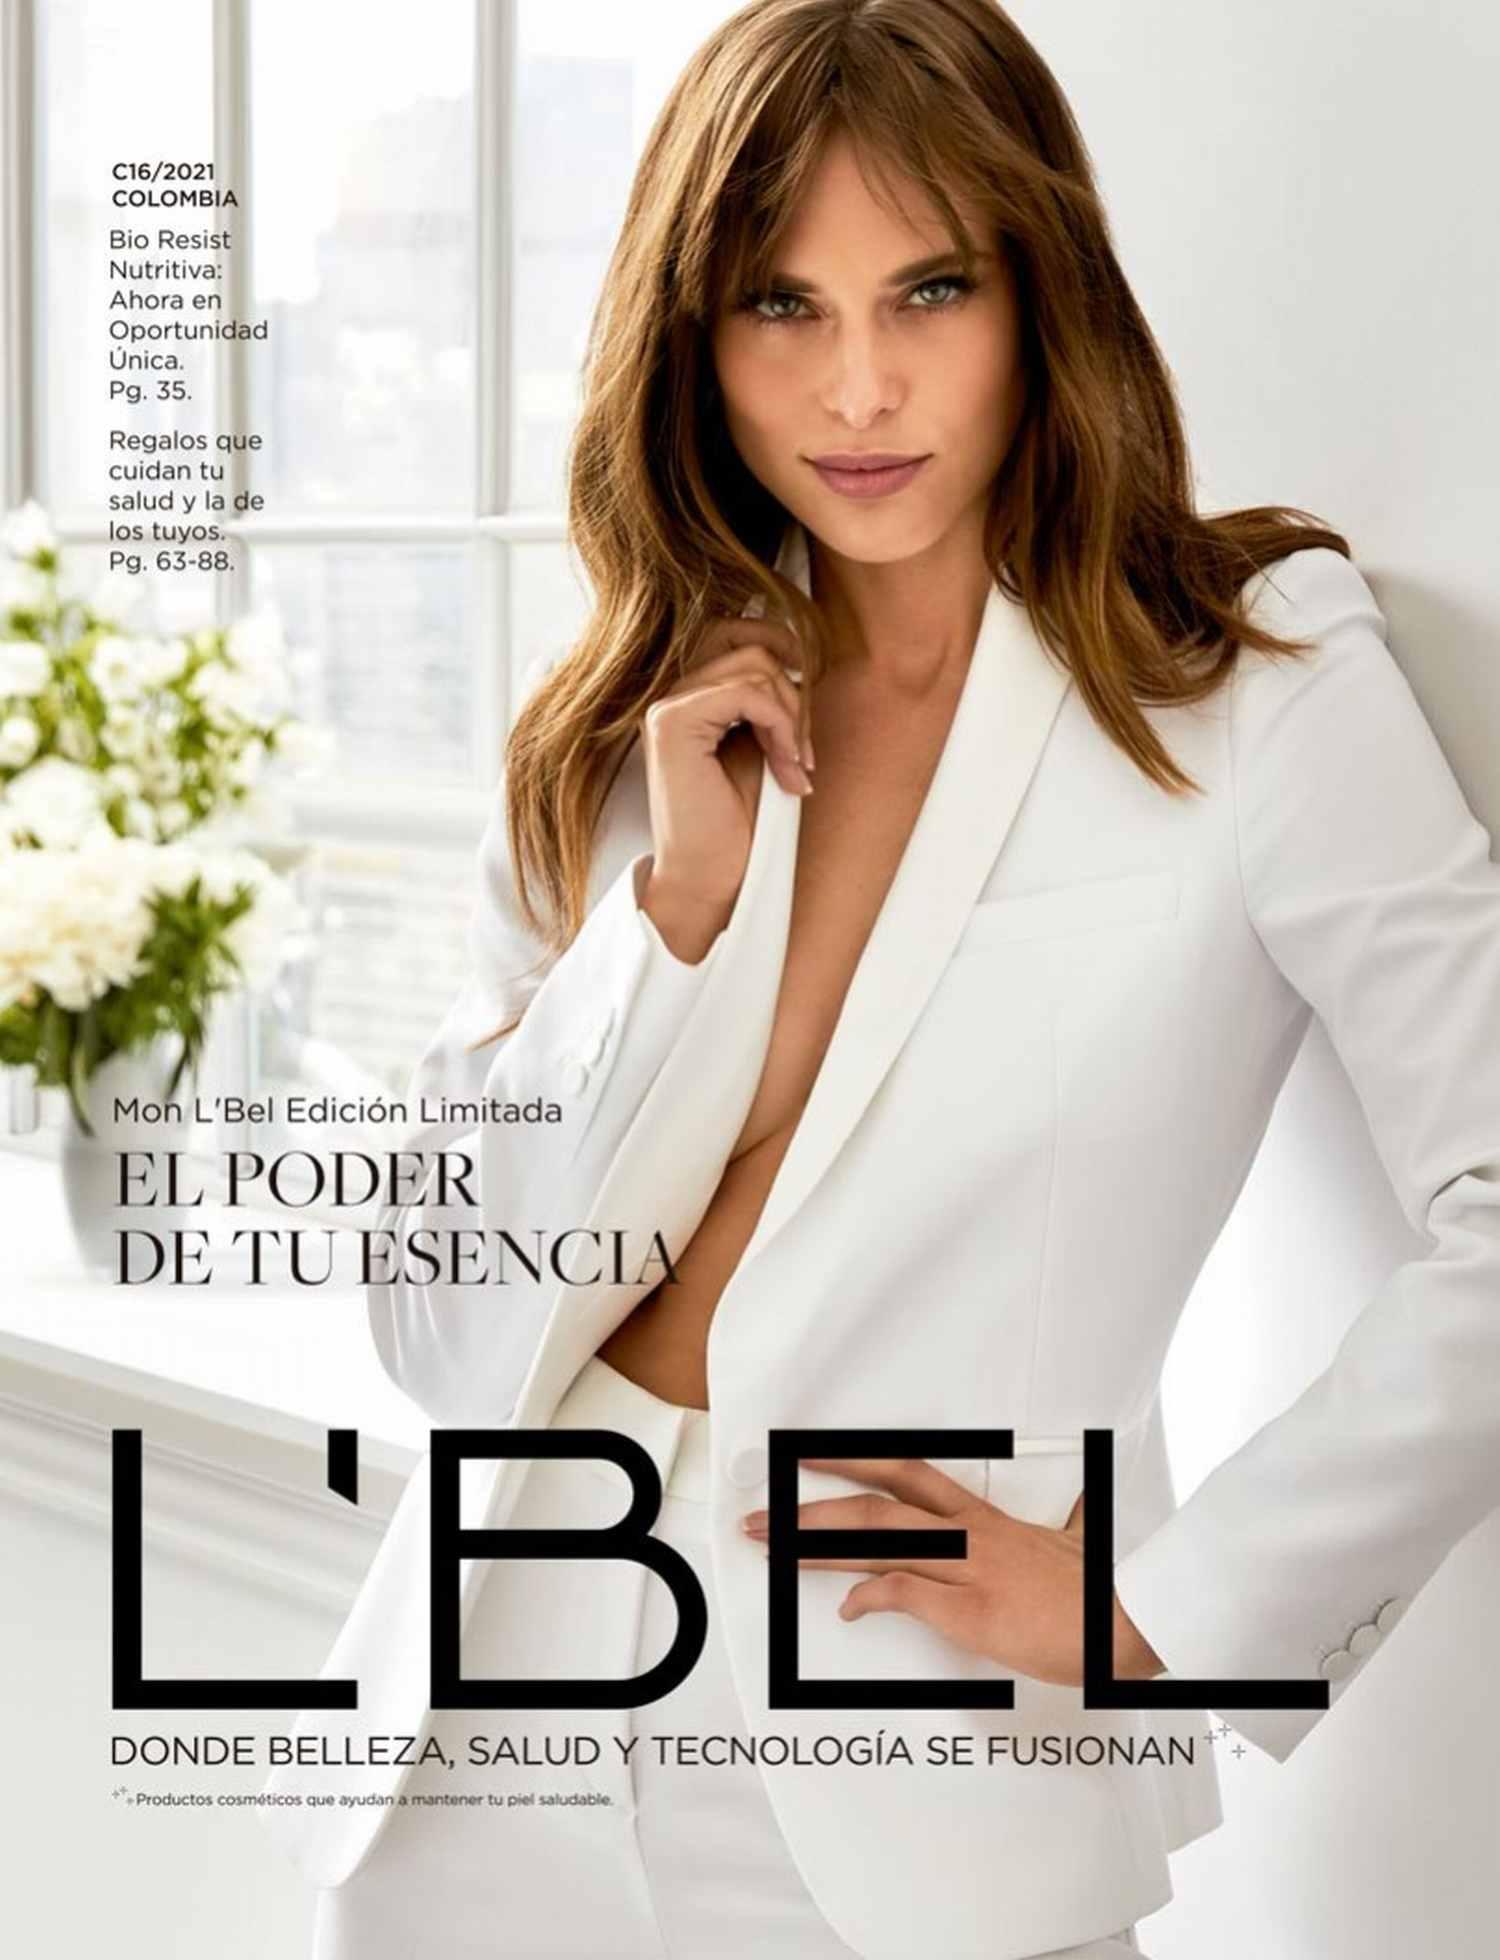 Catálogo L'Bel Campaña 16 2021 Colombia